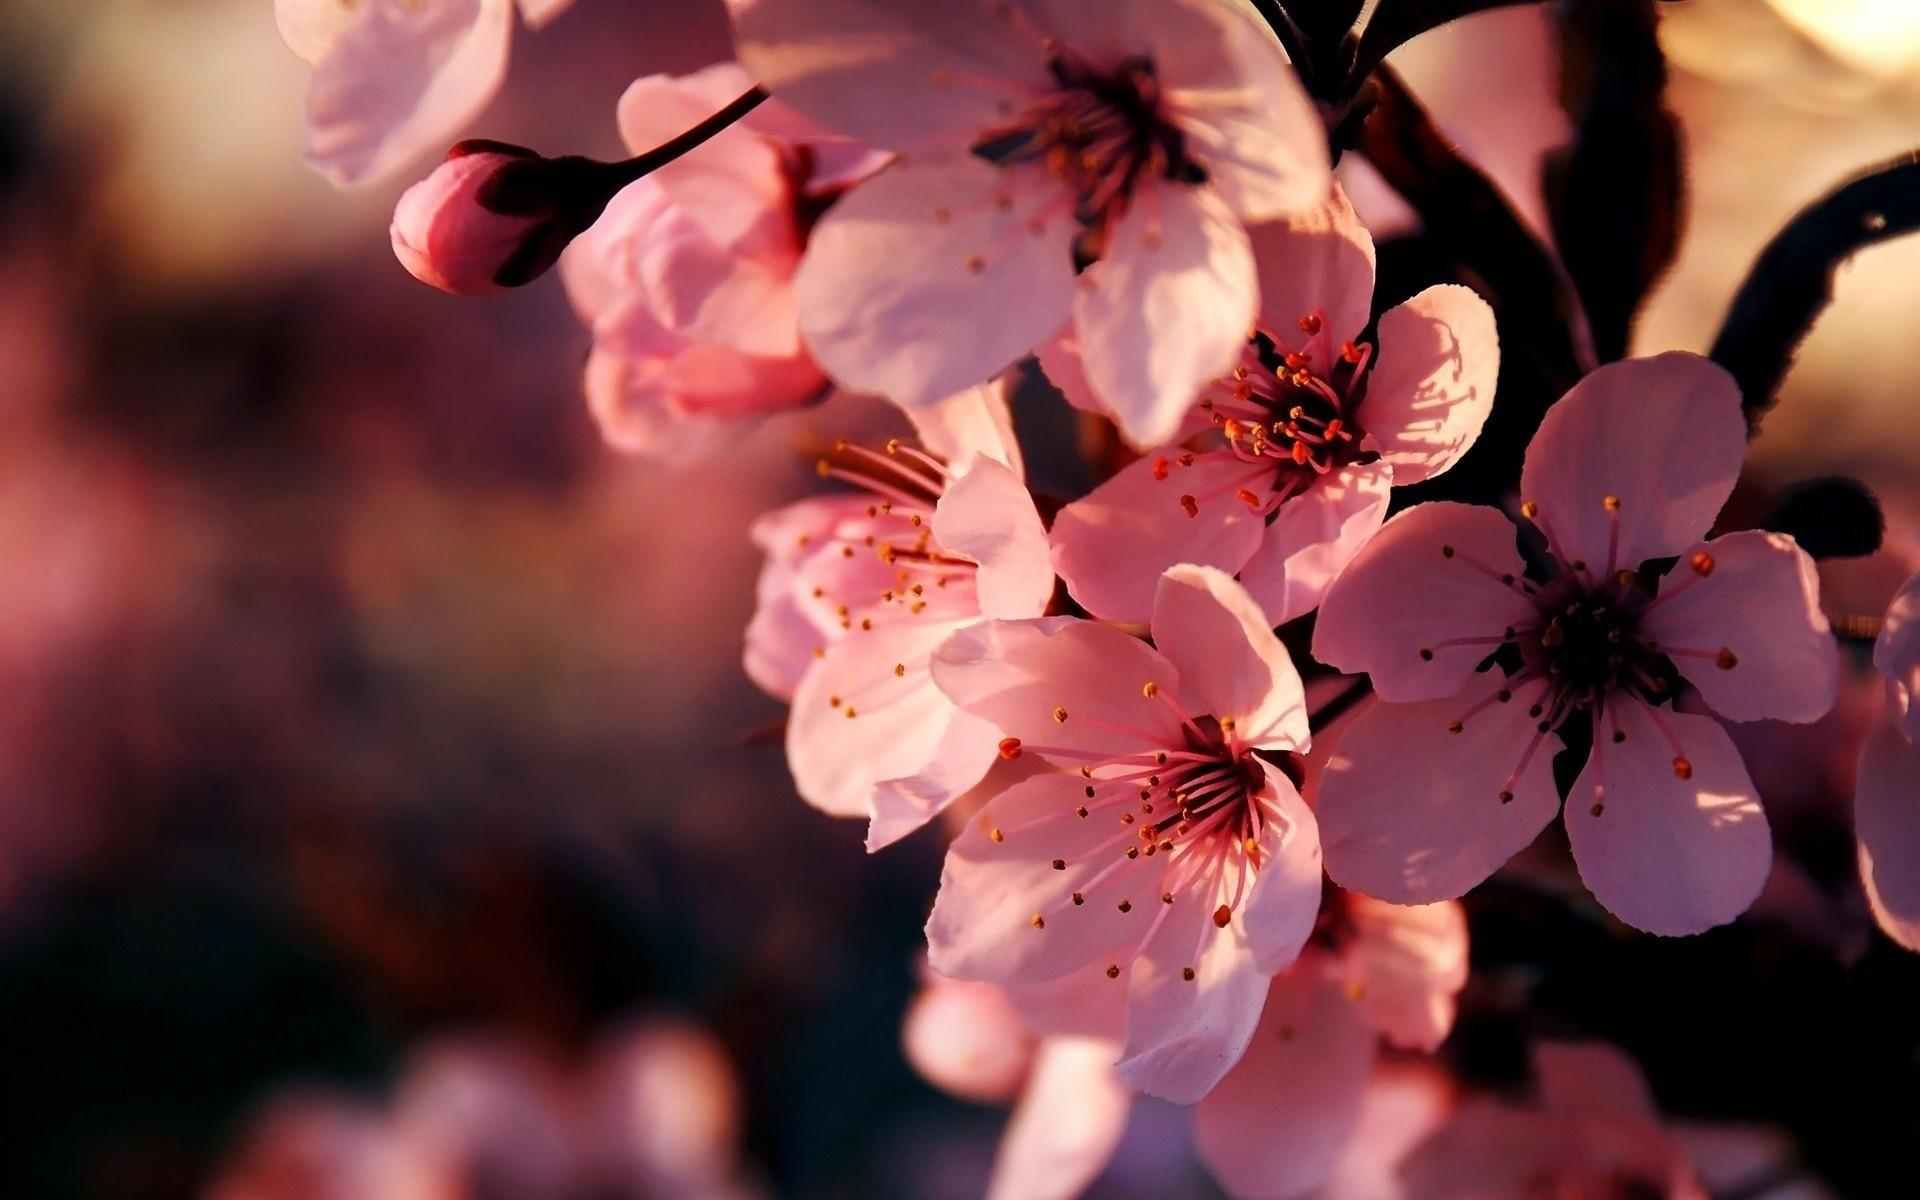 Розовые цветки во время цветения бесплатно